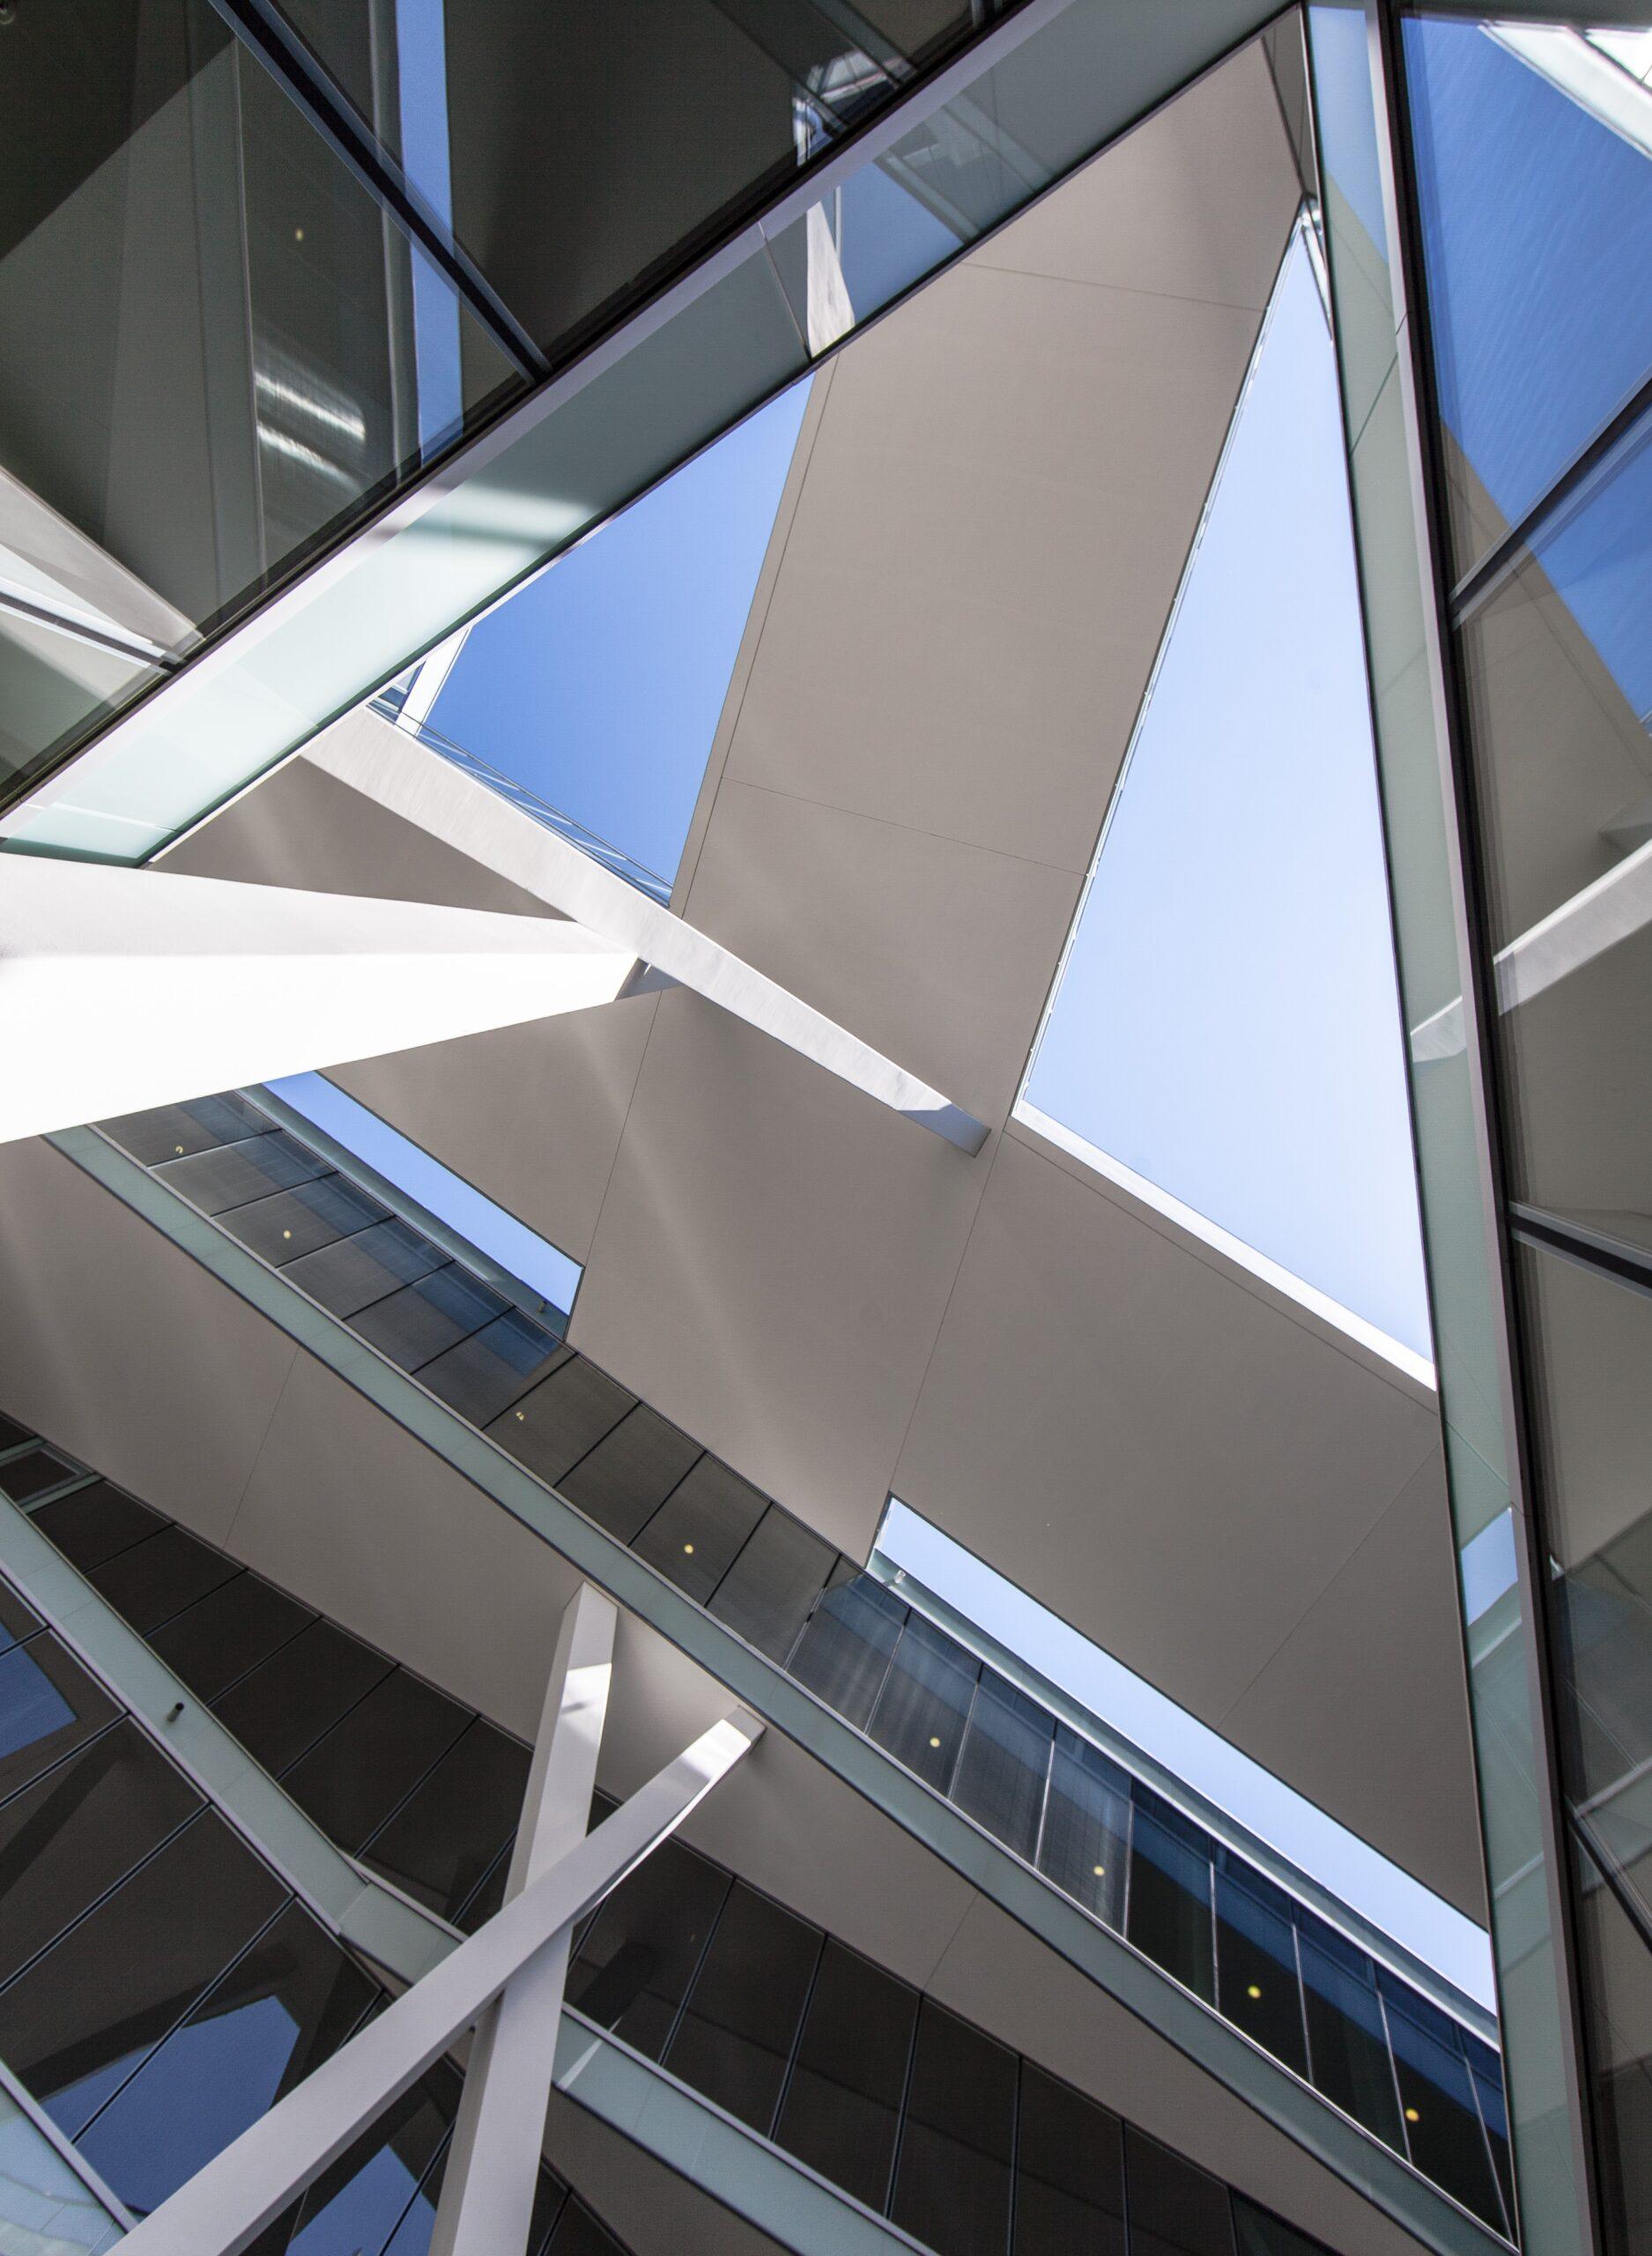 Actelion Business Center in Allschwil, Switzerland